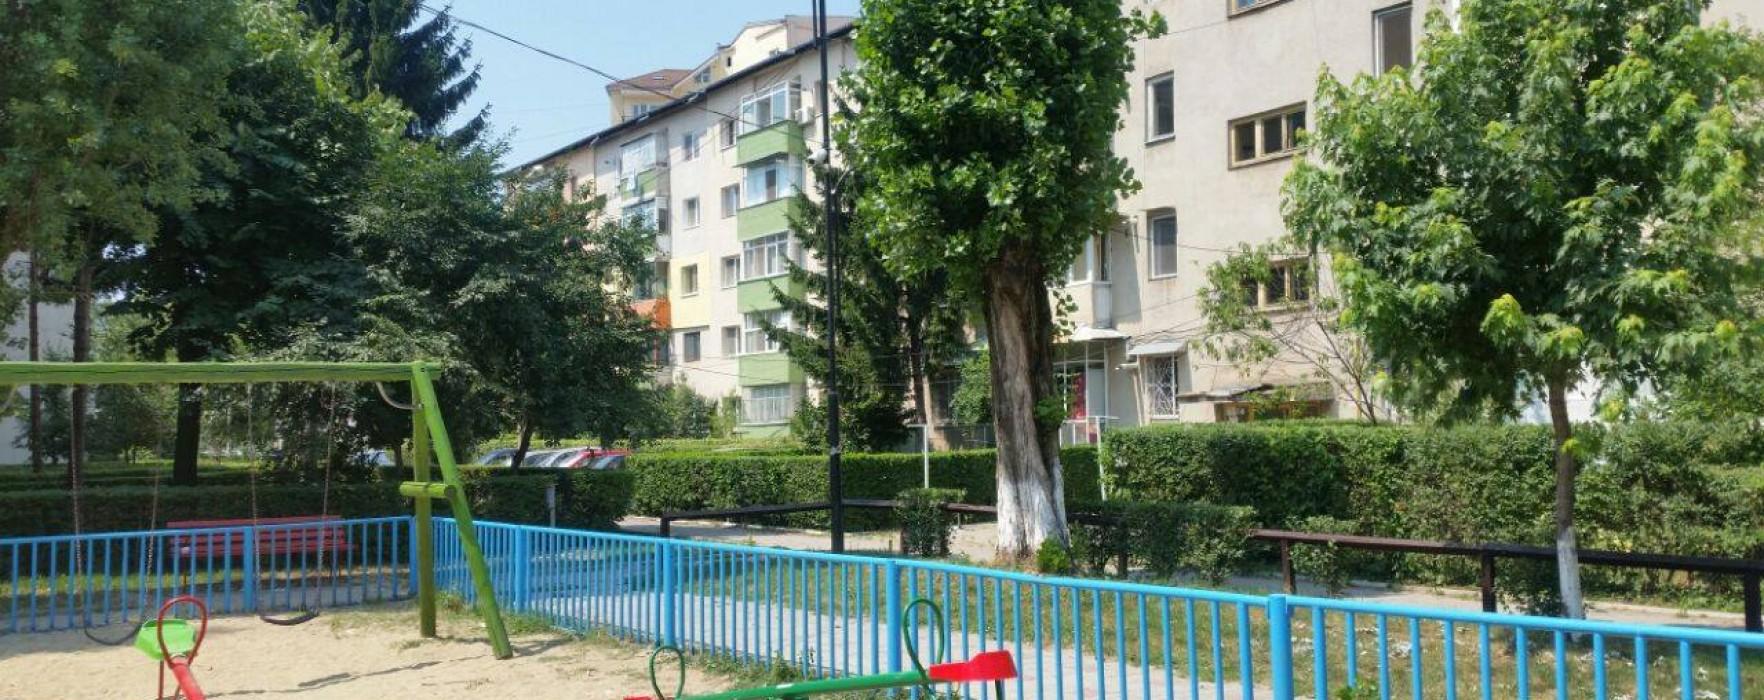 Târgovişte: Toate locurile de joacă vor fi monitorizate video